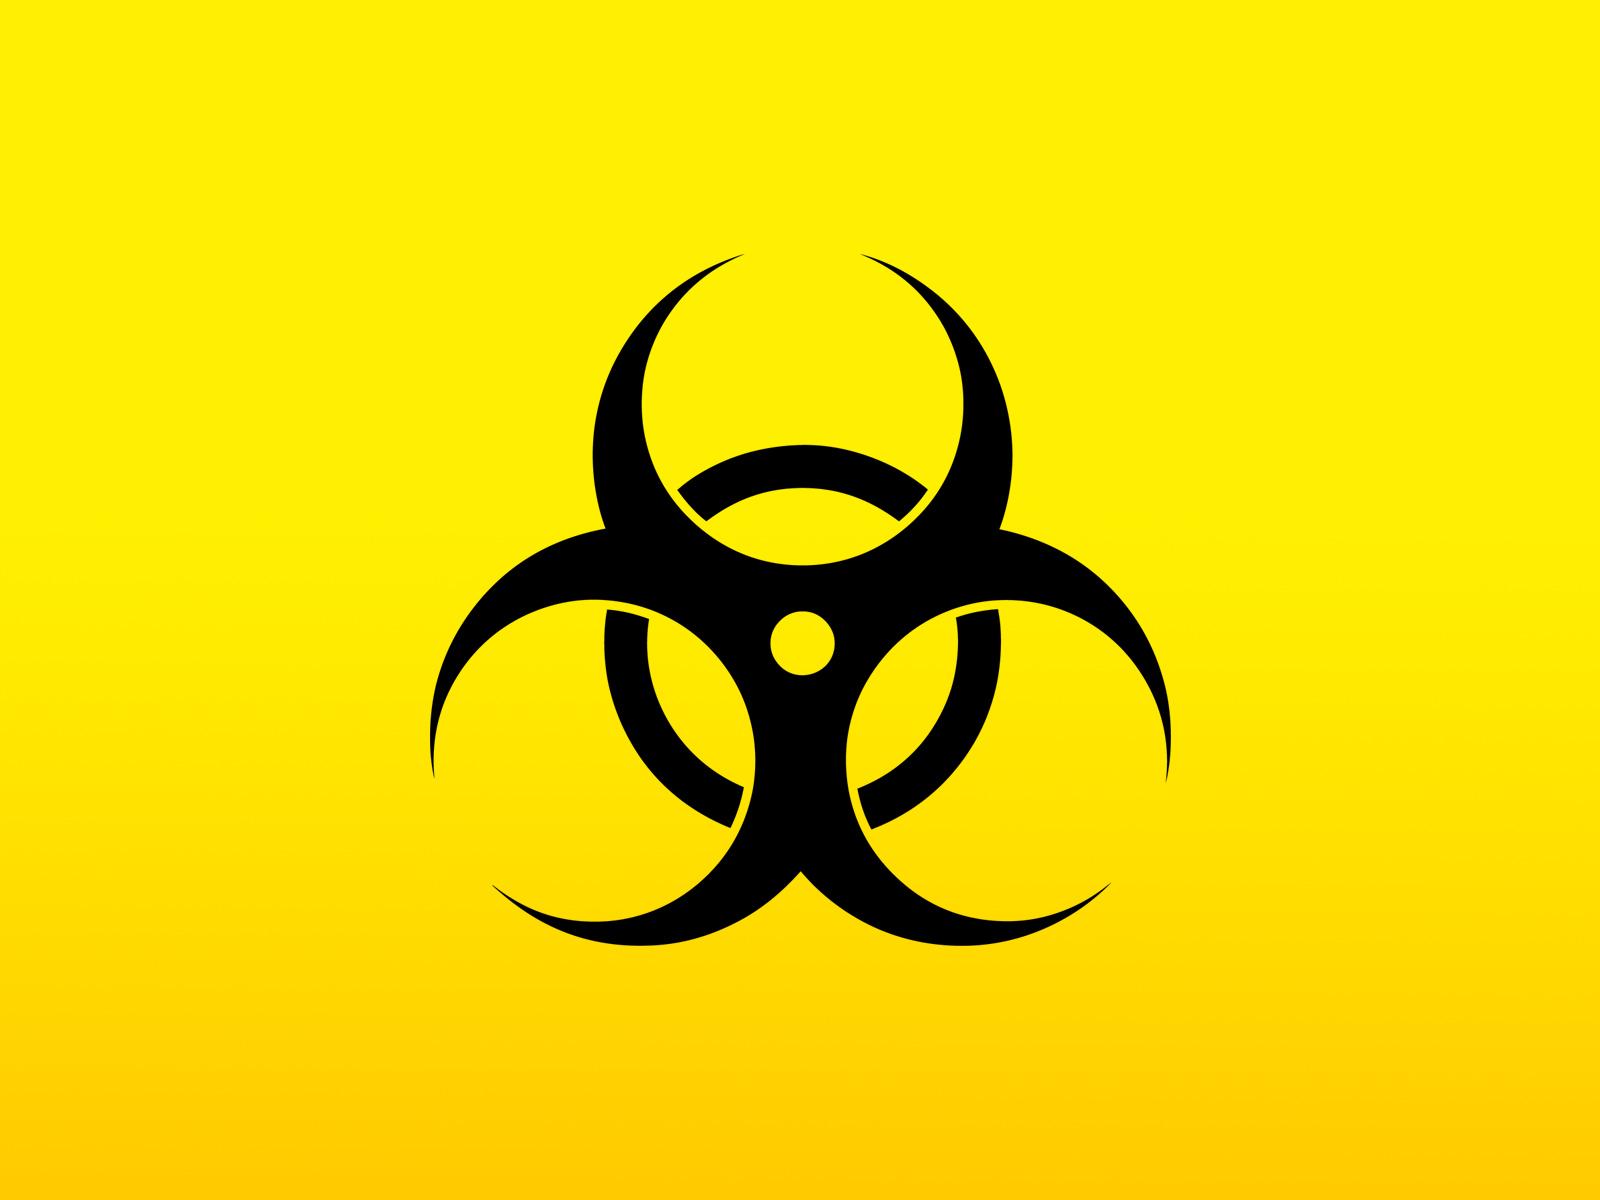 Cool Hazard Symbol - ClipArt Best